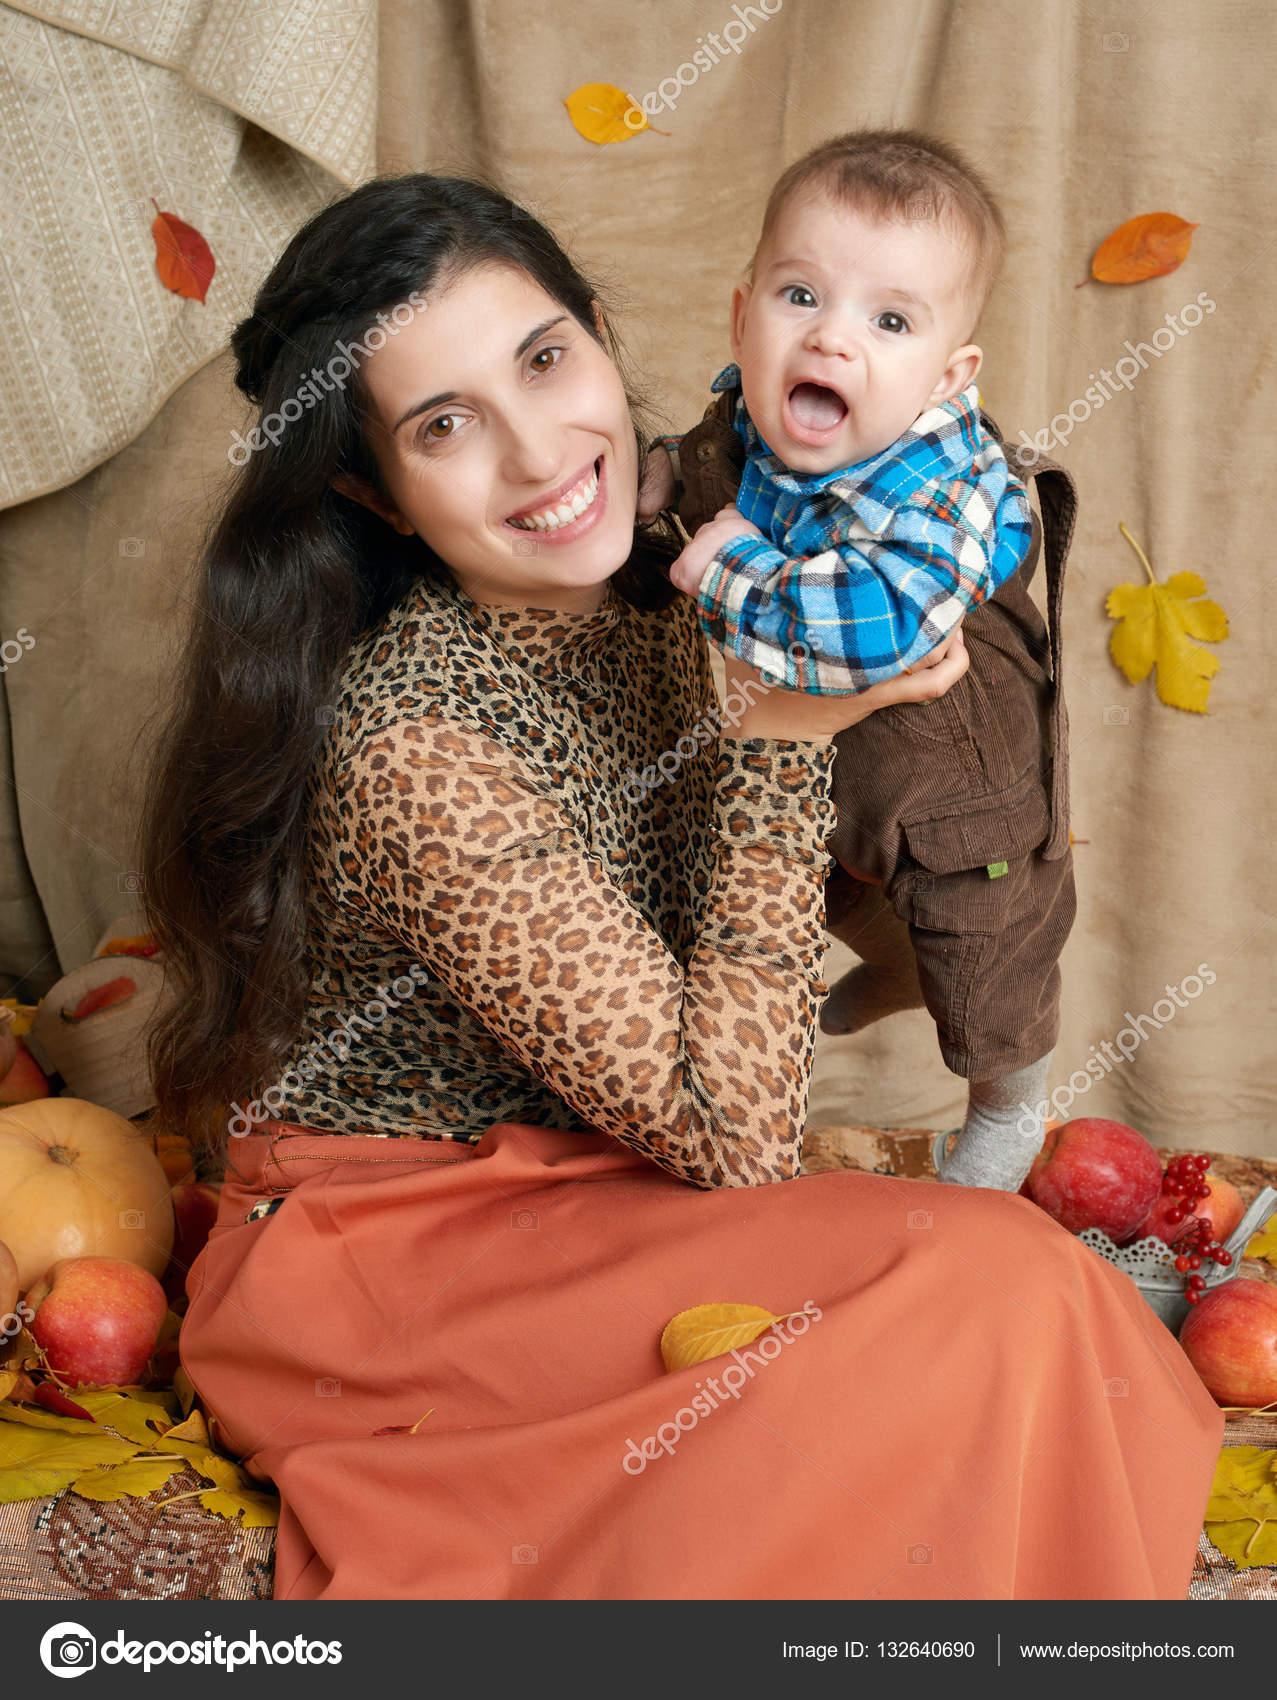 Herbstliche Frau Mit Kleinen Jungen Auf Gelbe Herbst Blätter, Äpfel, Kürbis  Und Dekoration Auf Textil, Glückliche Familie Und Land Konzept U2014 Foto Von  Soleg